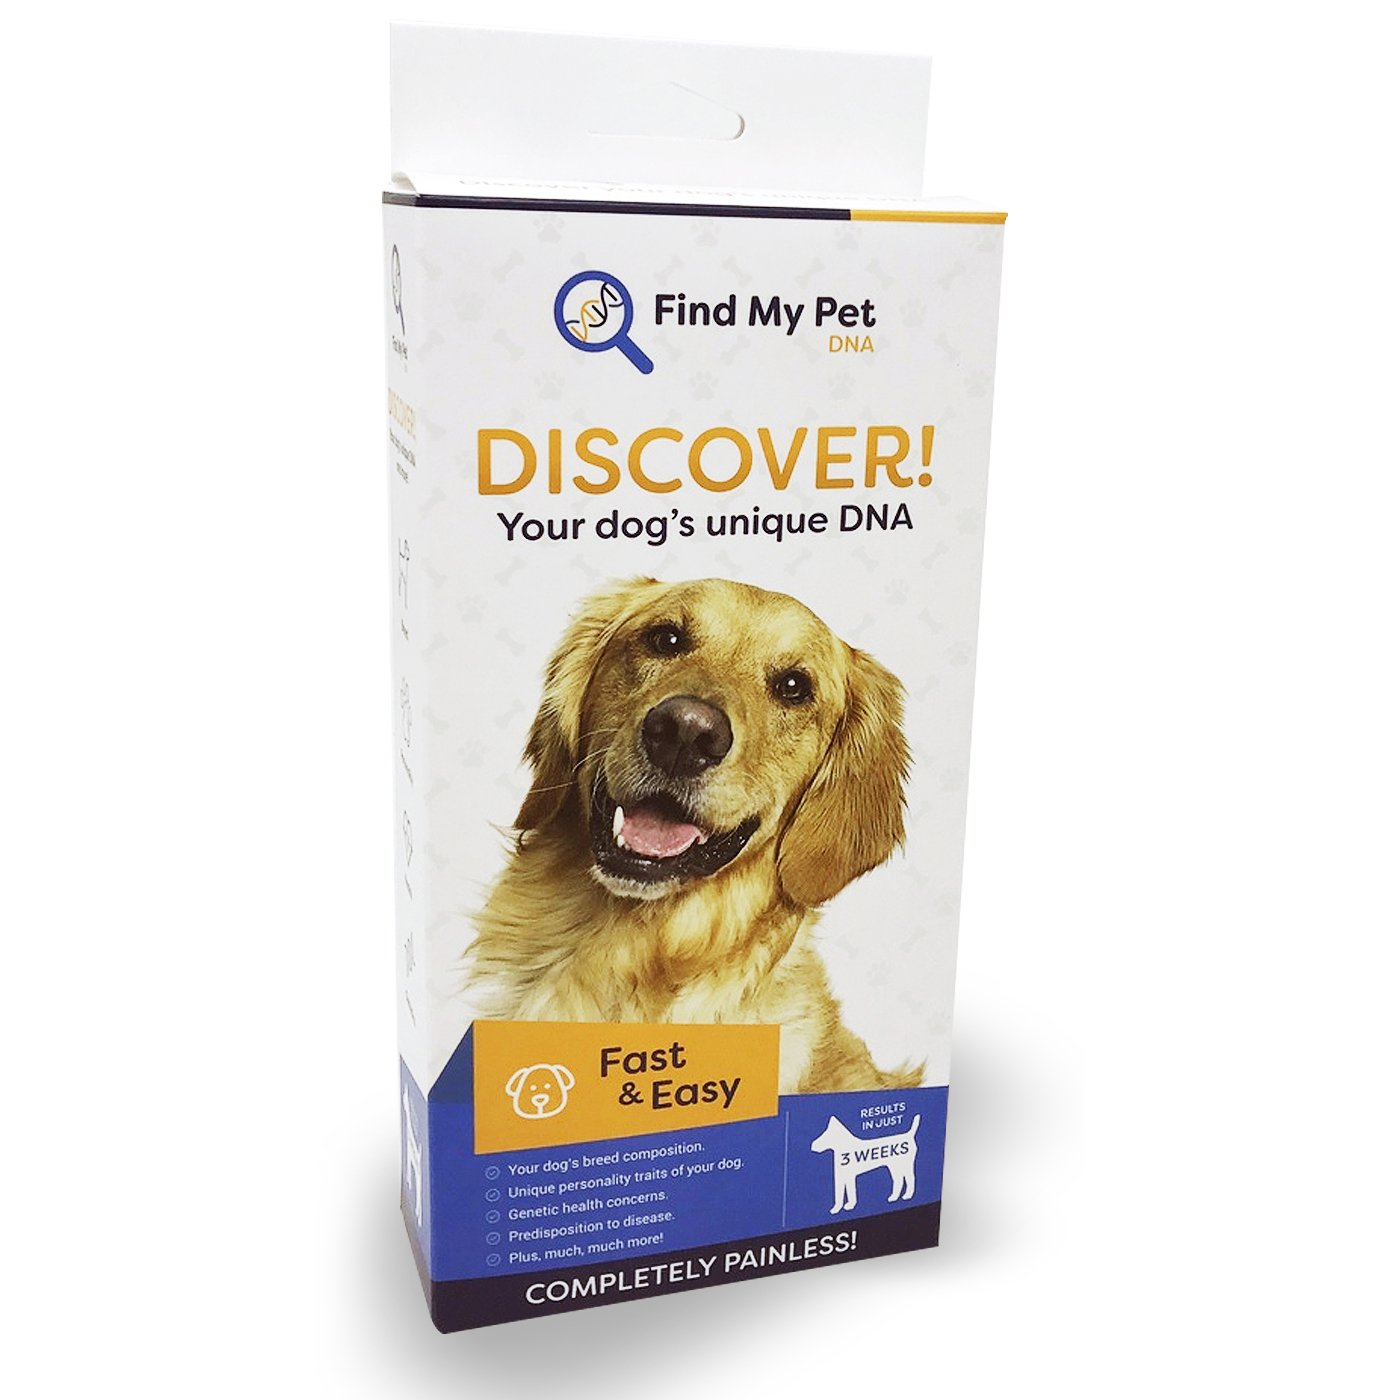 Find My Pet DNA 2.0 Dog DNA Test - Dog Breed Test kit, DNA Test for Dogs, k9 DNA Test, Your Dogs DNA Matters - 1 DNA Kit for Dogs (2 Pack) by Find My Pet DNA